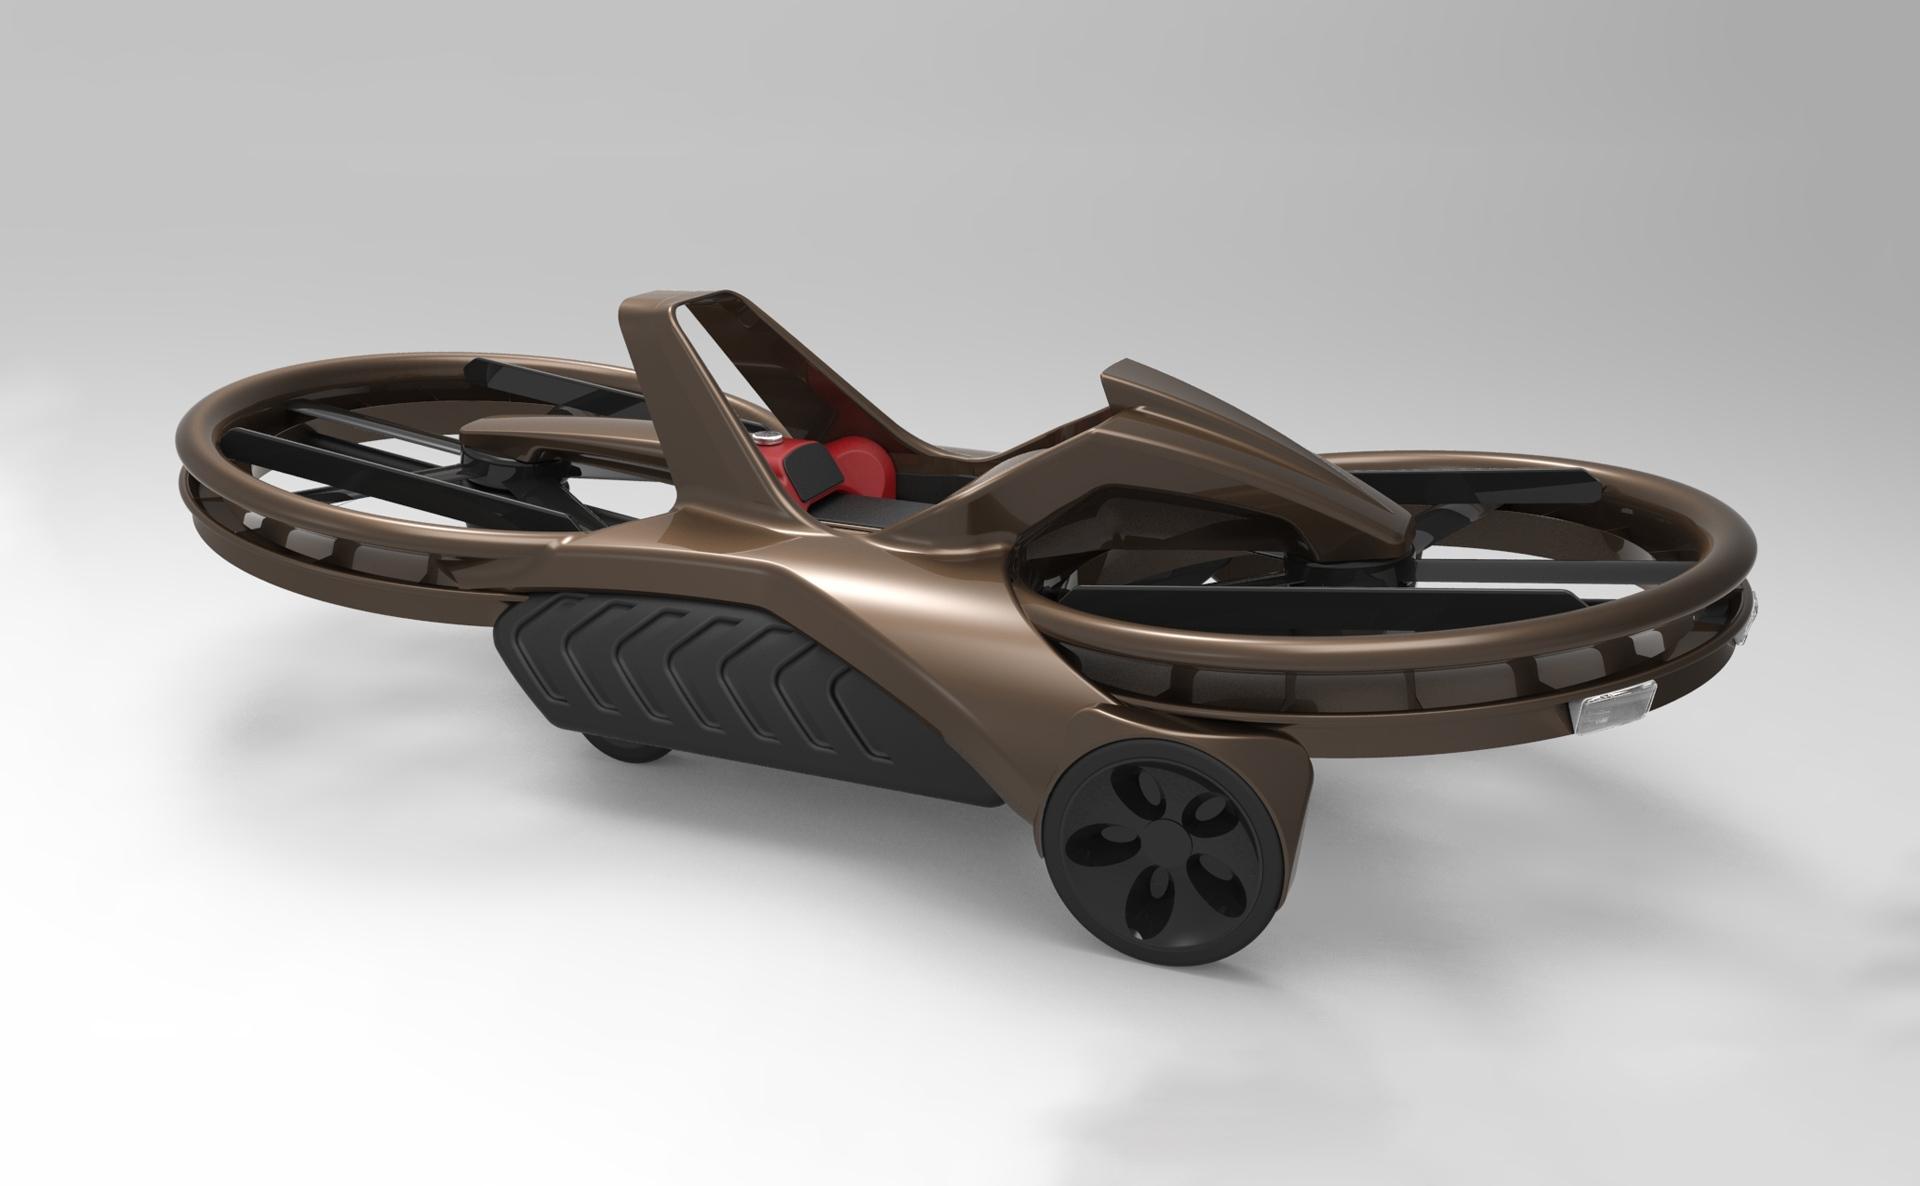 Aero-X : le premier HoverBike (moto volante) prévu pour 2017